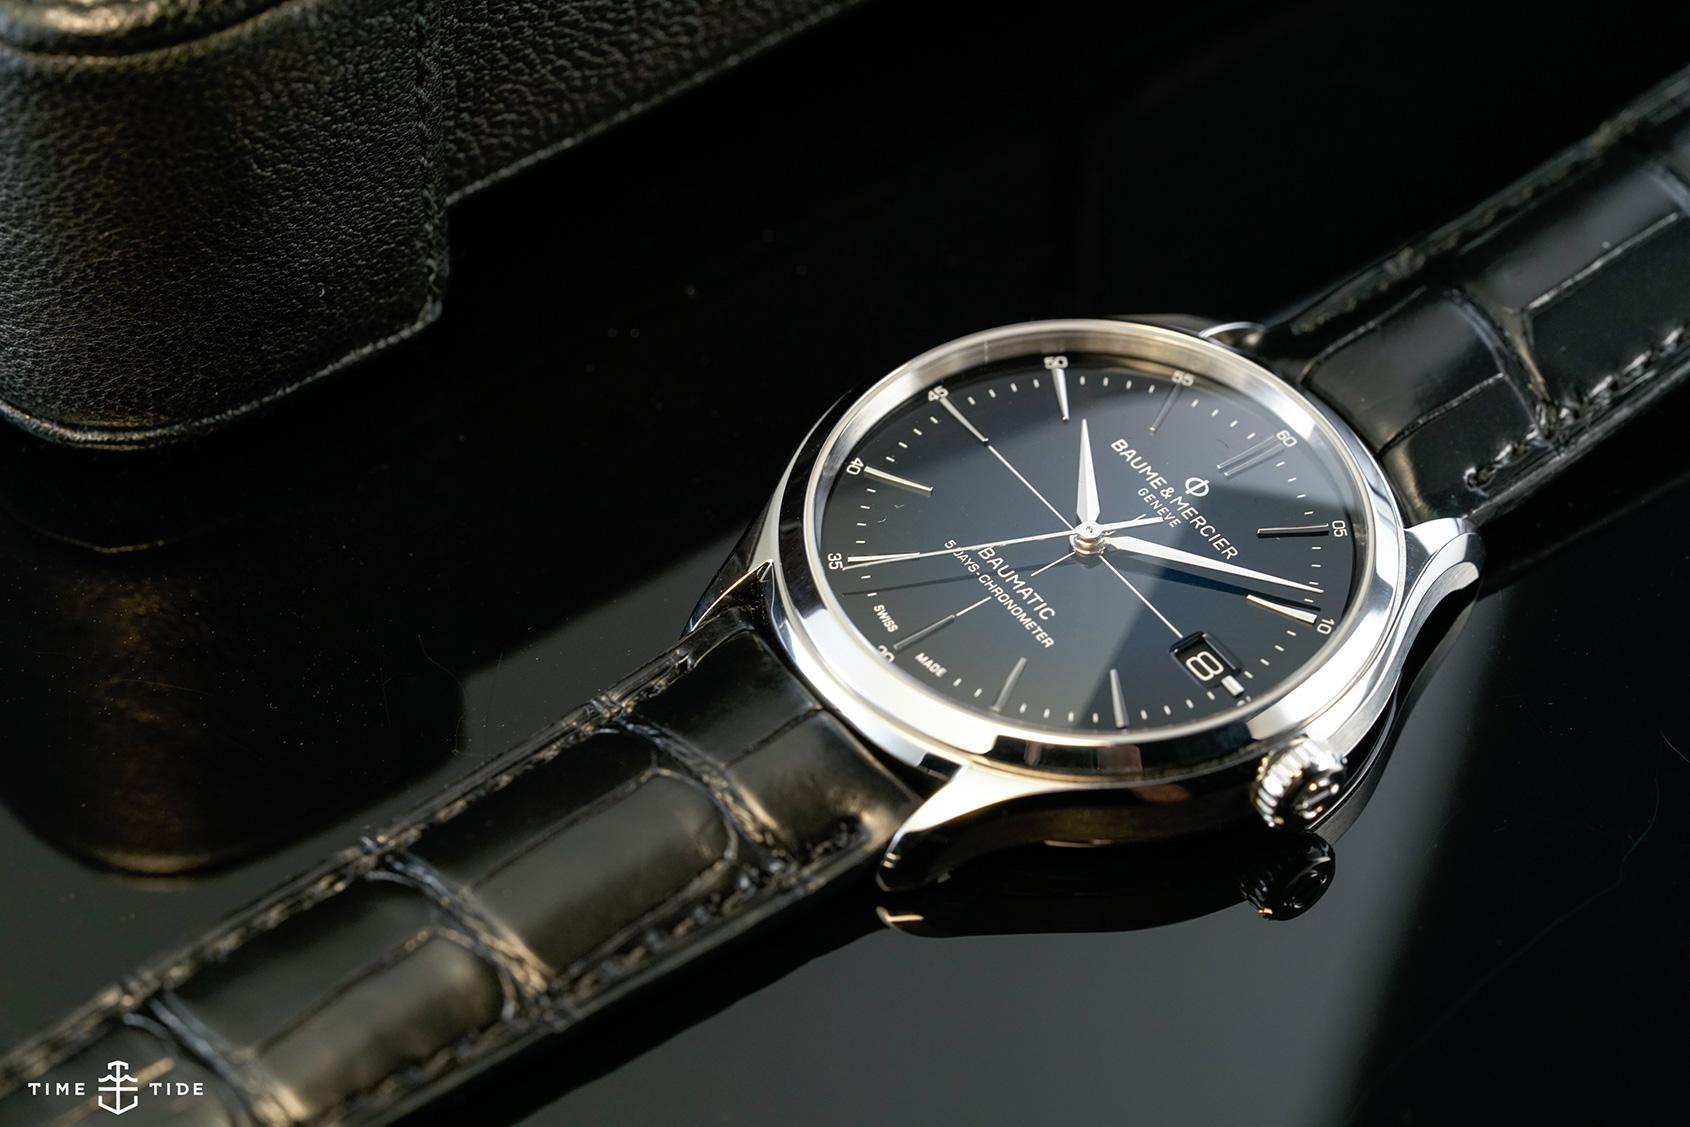 Dress blues – Baume & Mercier's Clifton Baumatic with a gorgeous gradient blue dial